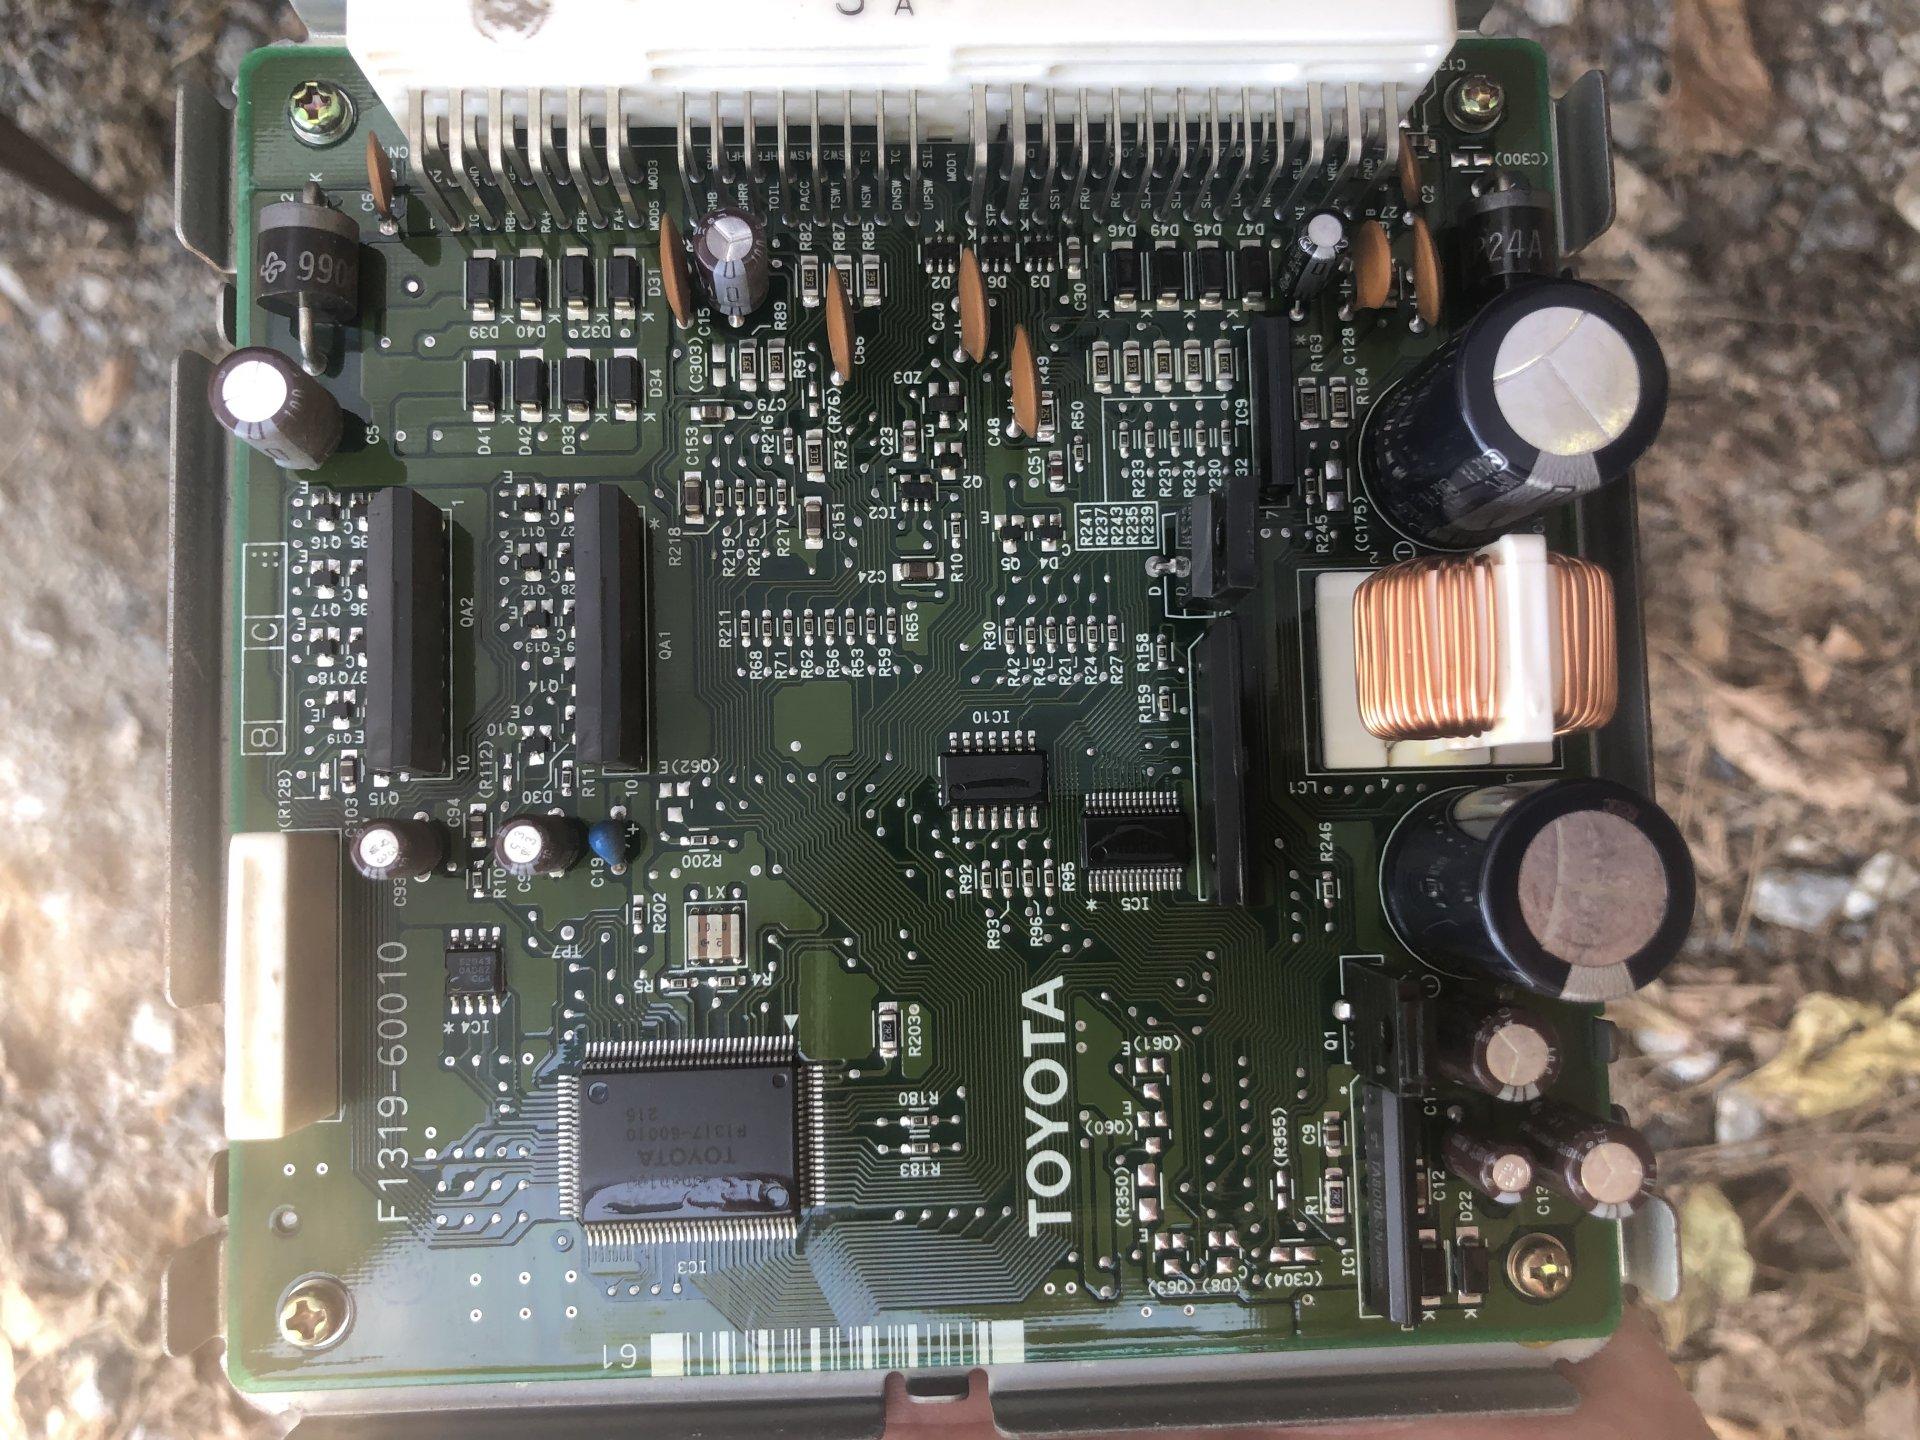 8717804A-57DE-4605-8B81-5A2A05580CF9.jpeg